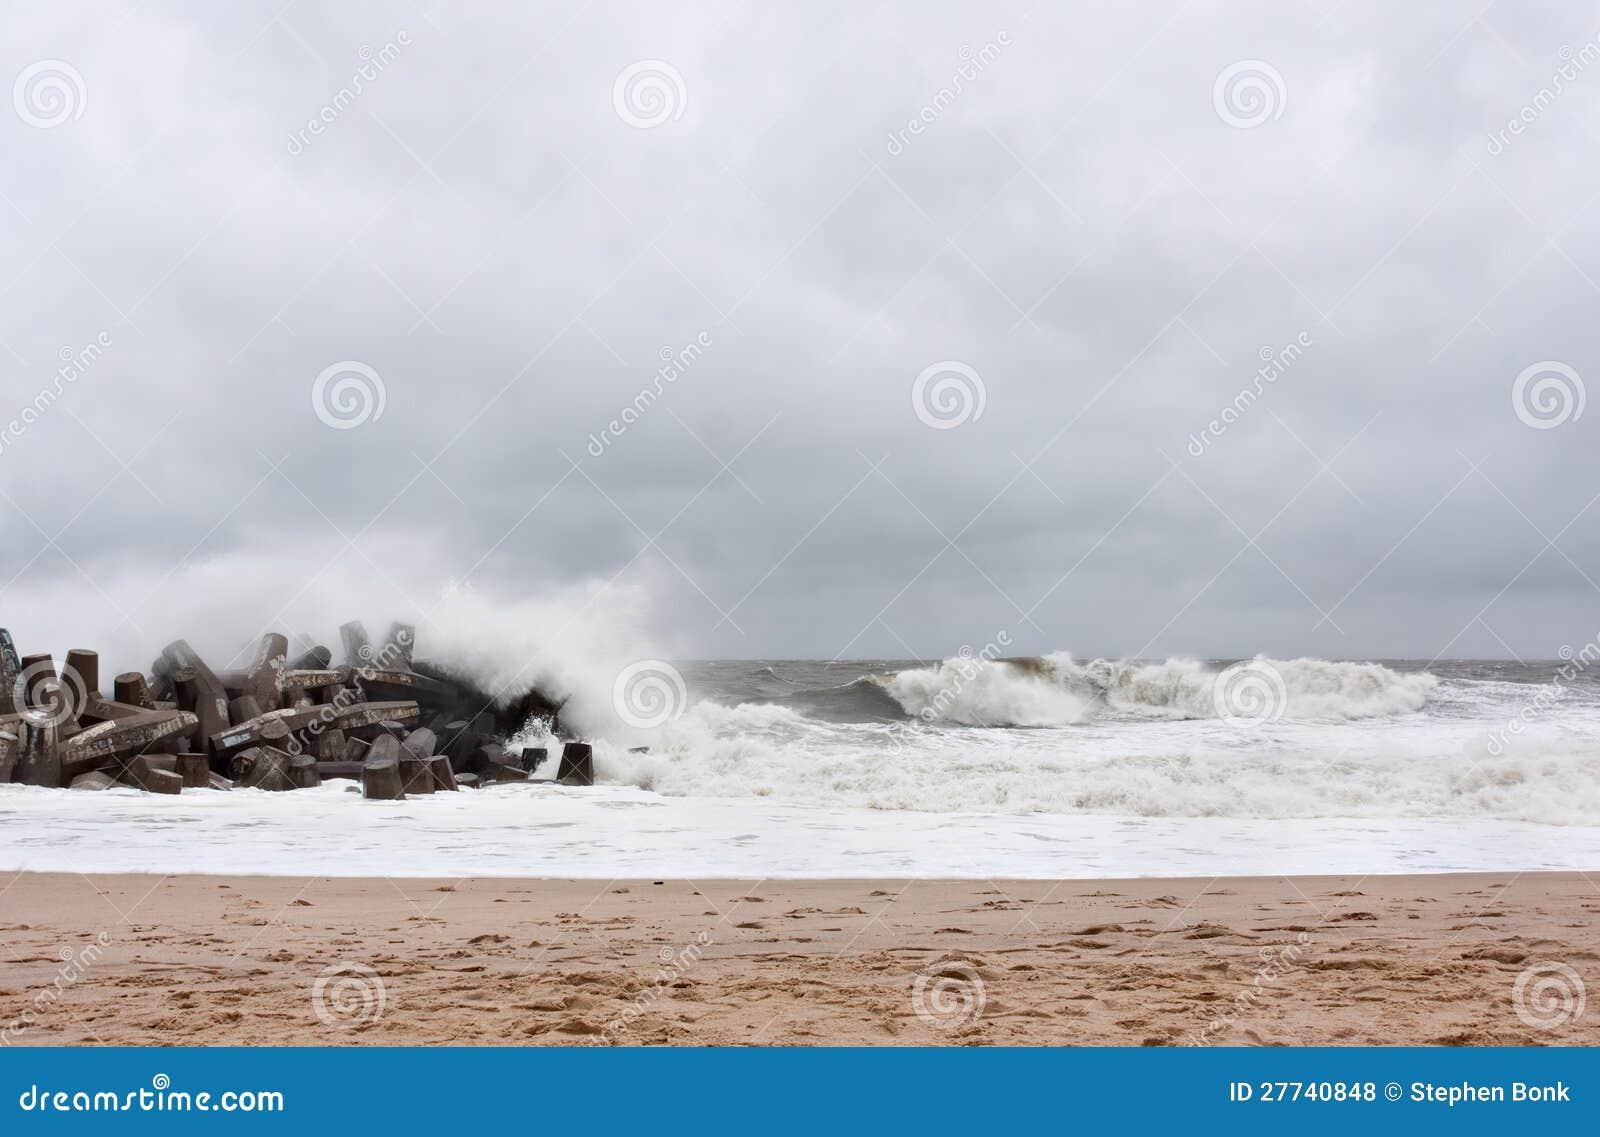 InställningsNew Jersey för orkan sandig kust